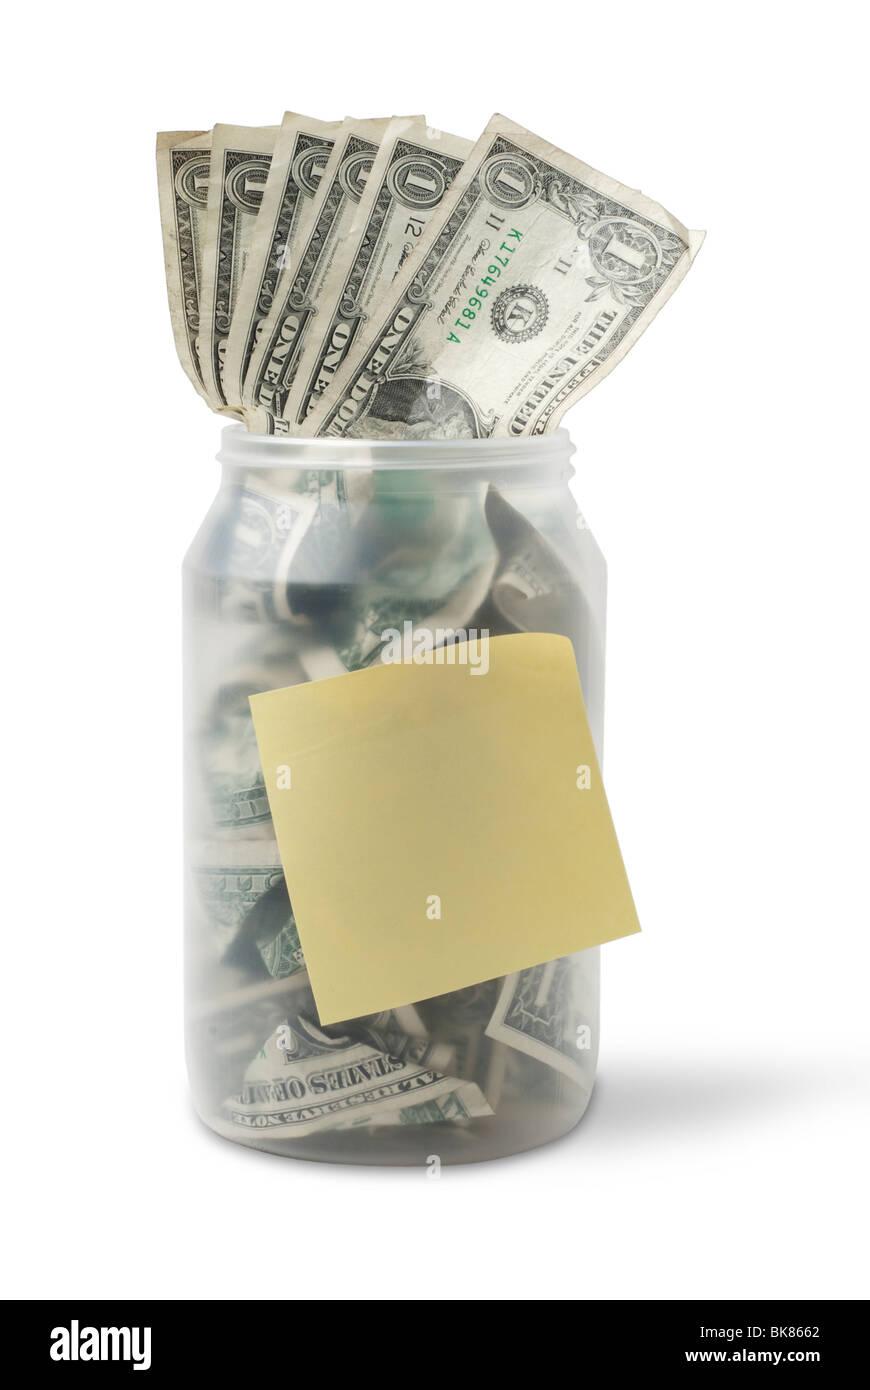 Vaso di cassa traboccante con noi le fatture del dollaro e un bigliettino giallo. Immagini Stock